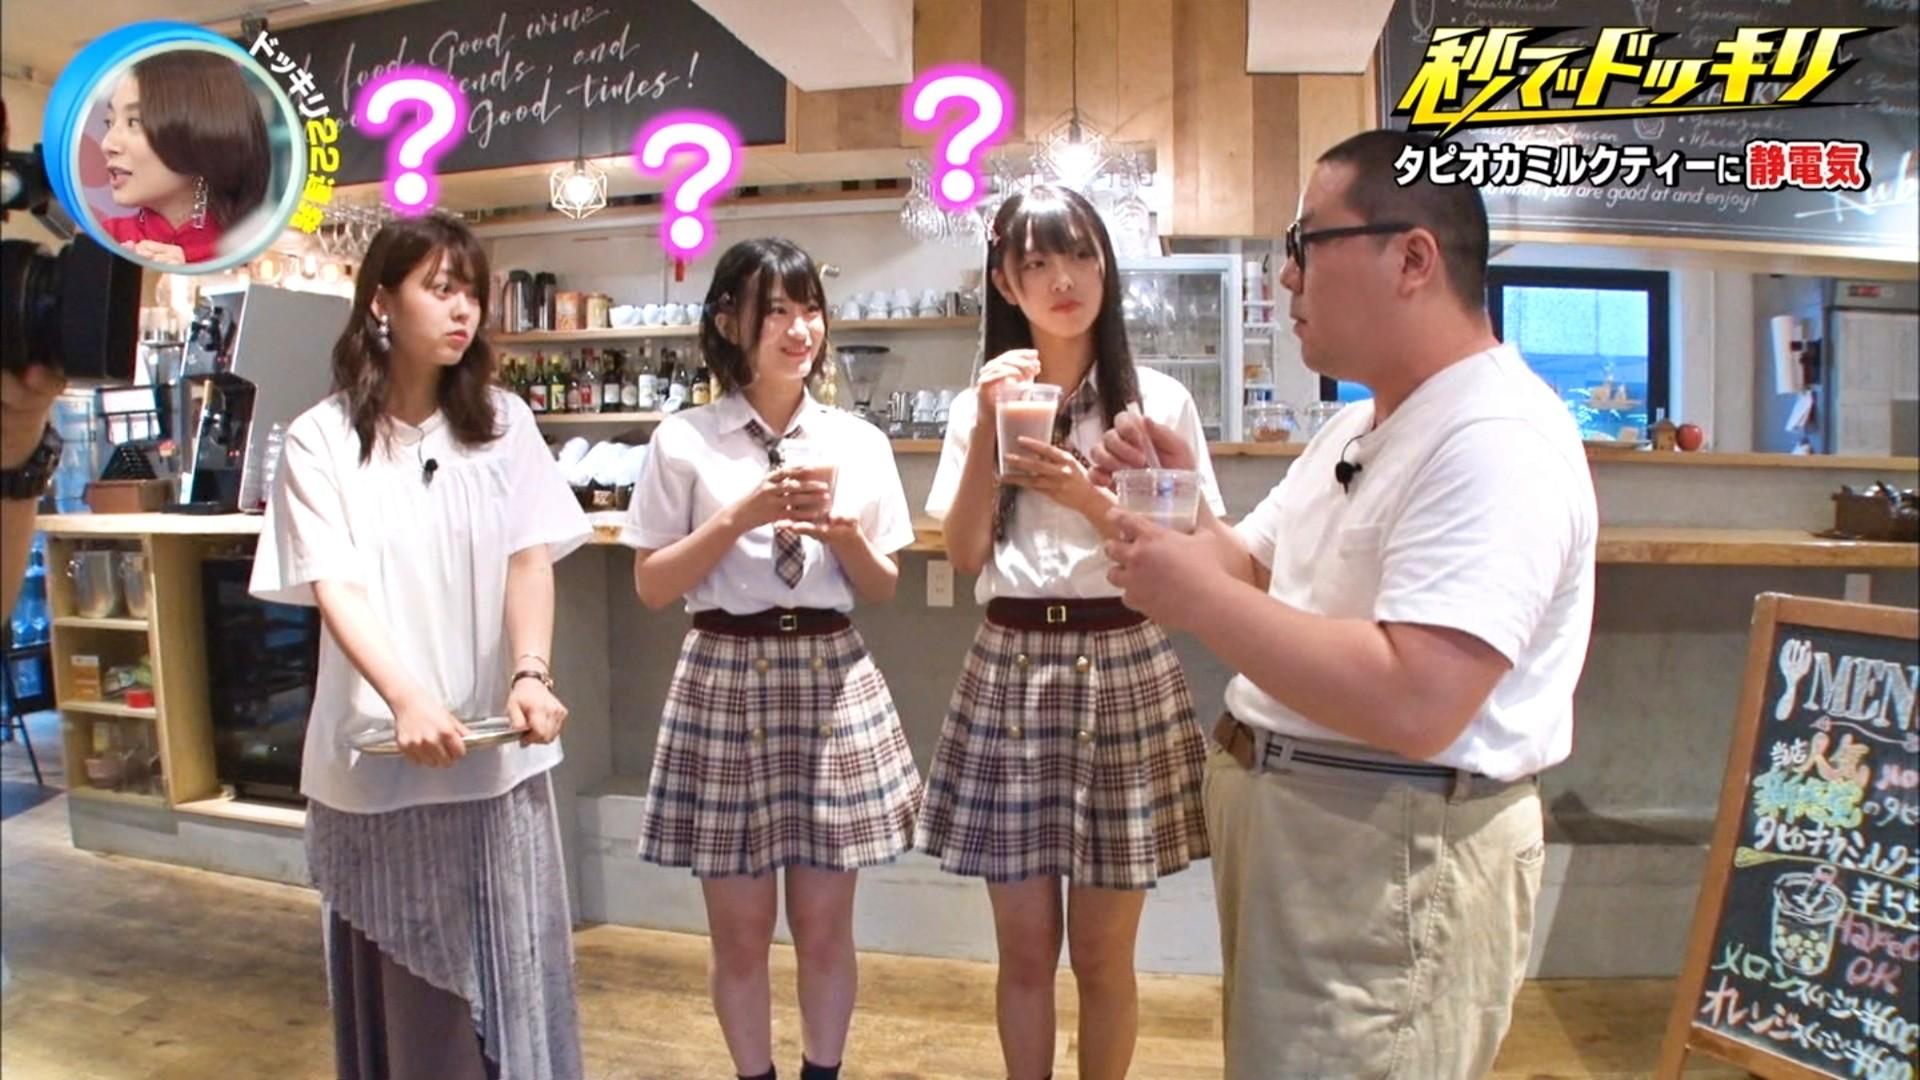 2019年11月30日にフジテレビ系列でほうそうされた「芸能人が本気で考えた!ドッキリGP」に出演したNMB48上西怜・大田莉央奈の画像-021